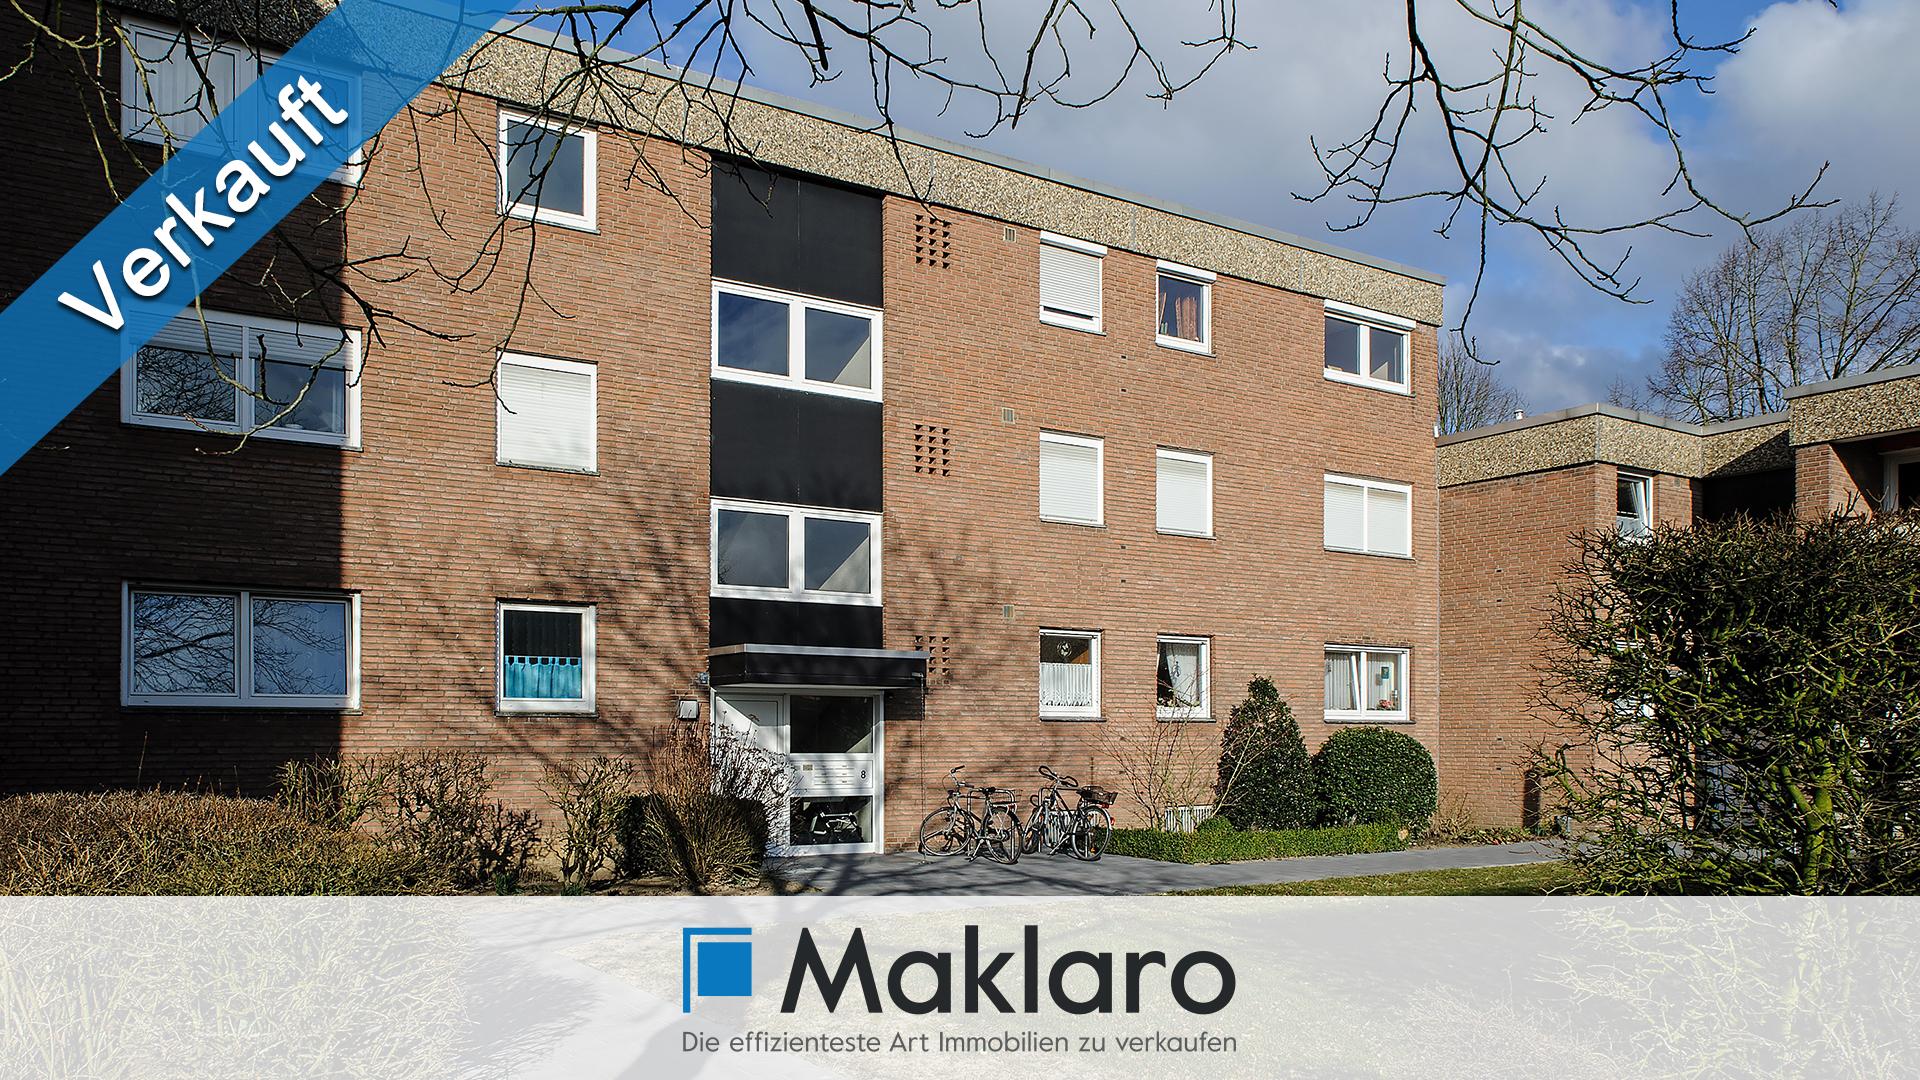 Moderne Eigentumswohnung sucht junge Familie +++Neues Zuhause in Münster-Hiltrup